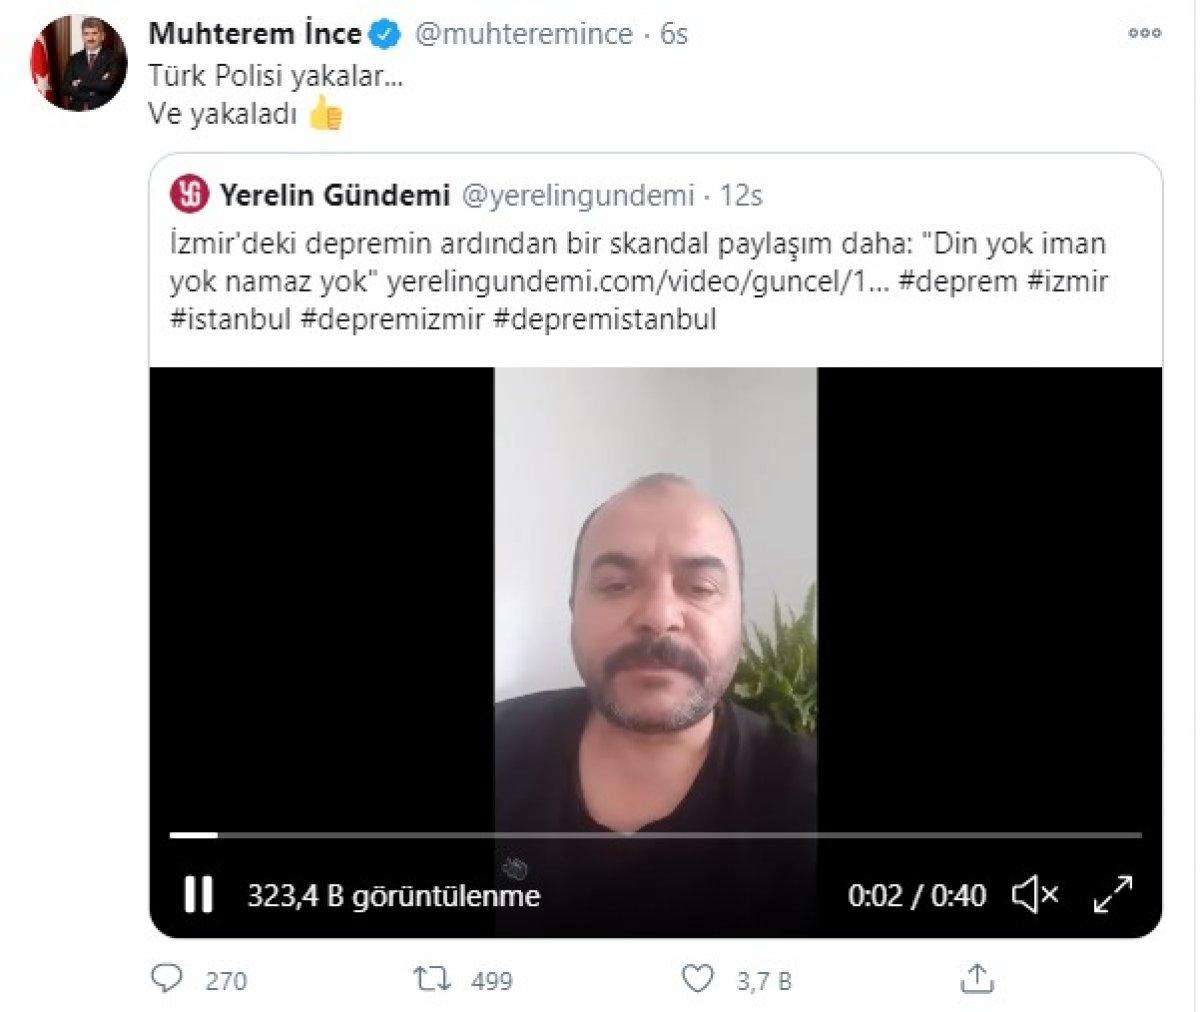 İzmir depremi için  felaketi kendileri istedi  şeklinde konuşan kişi yakalandı #1